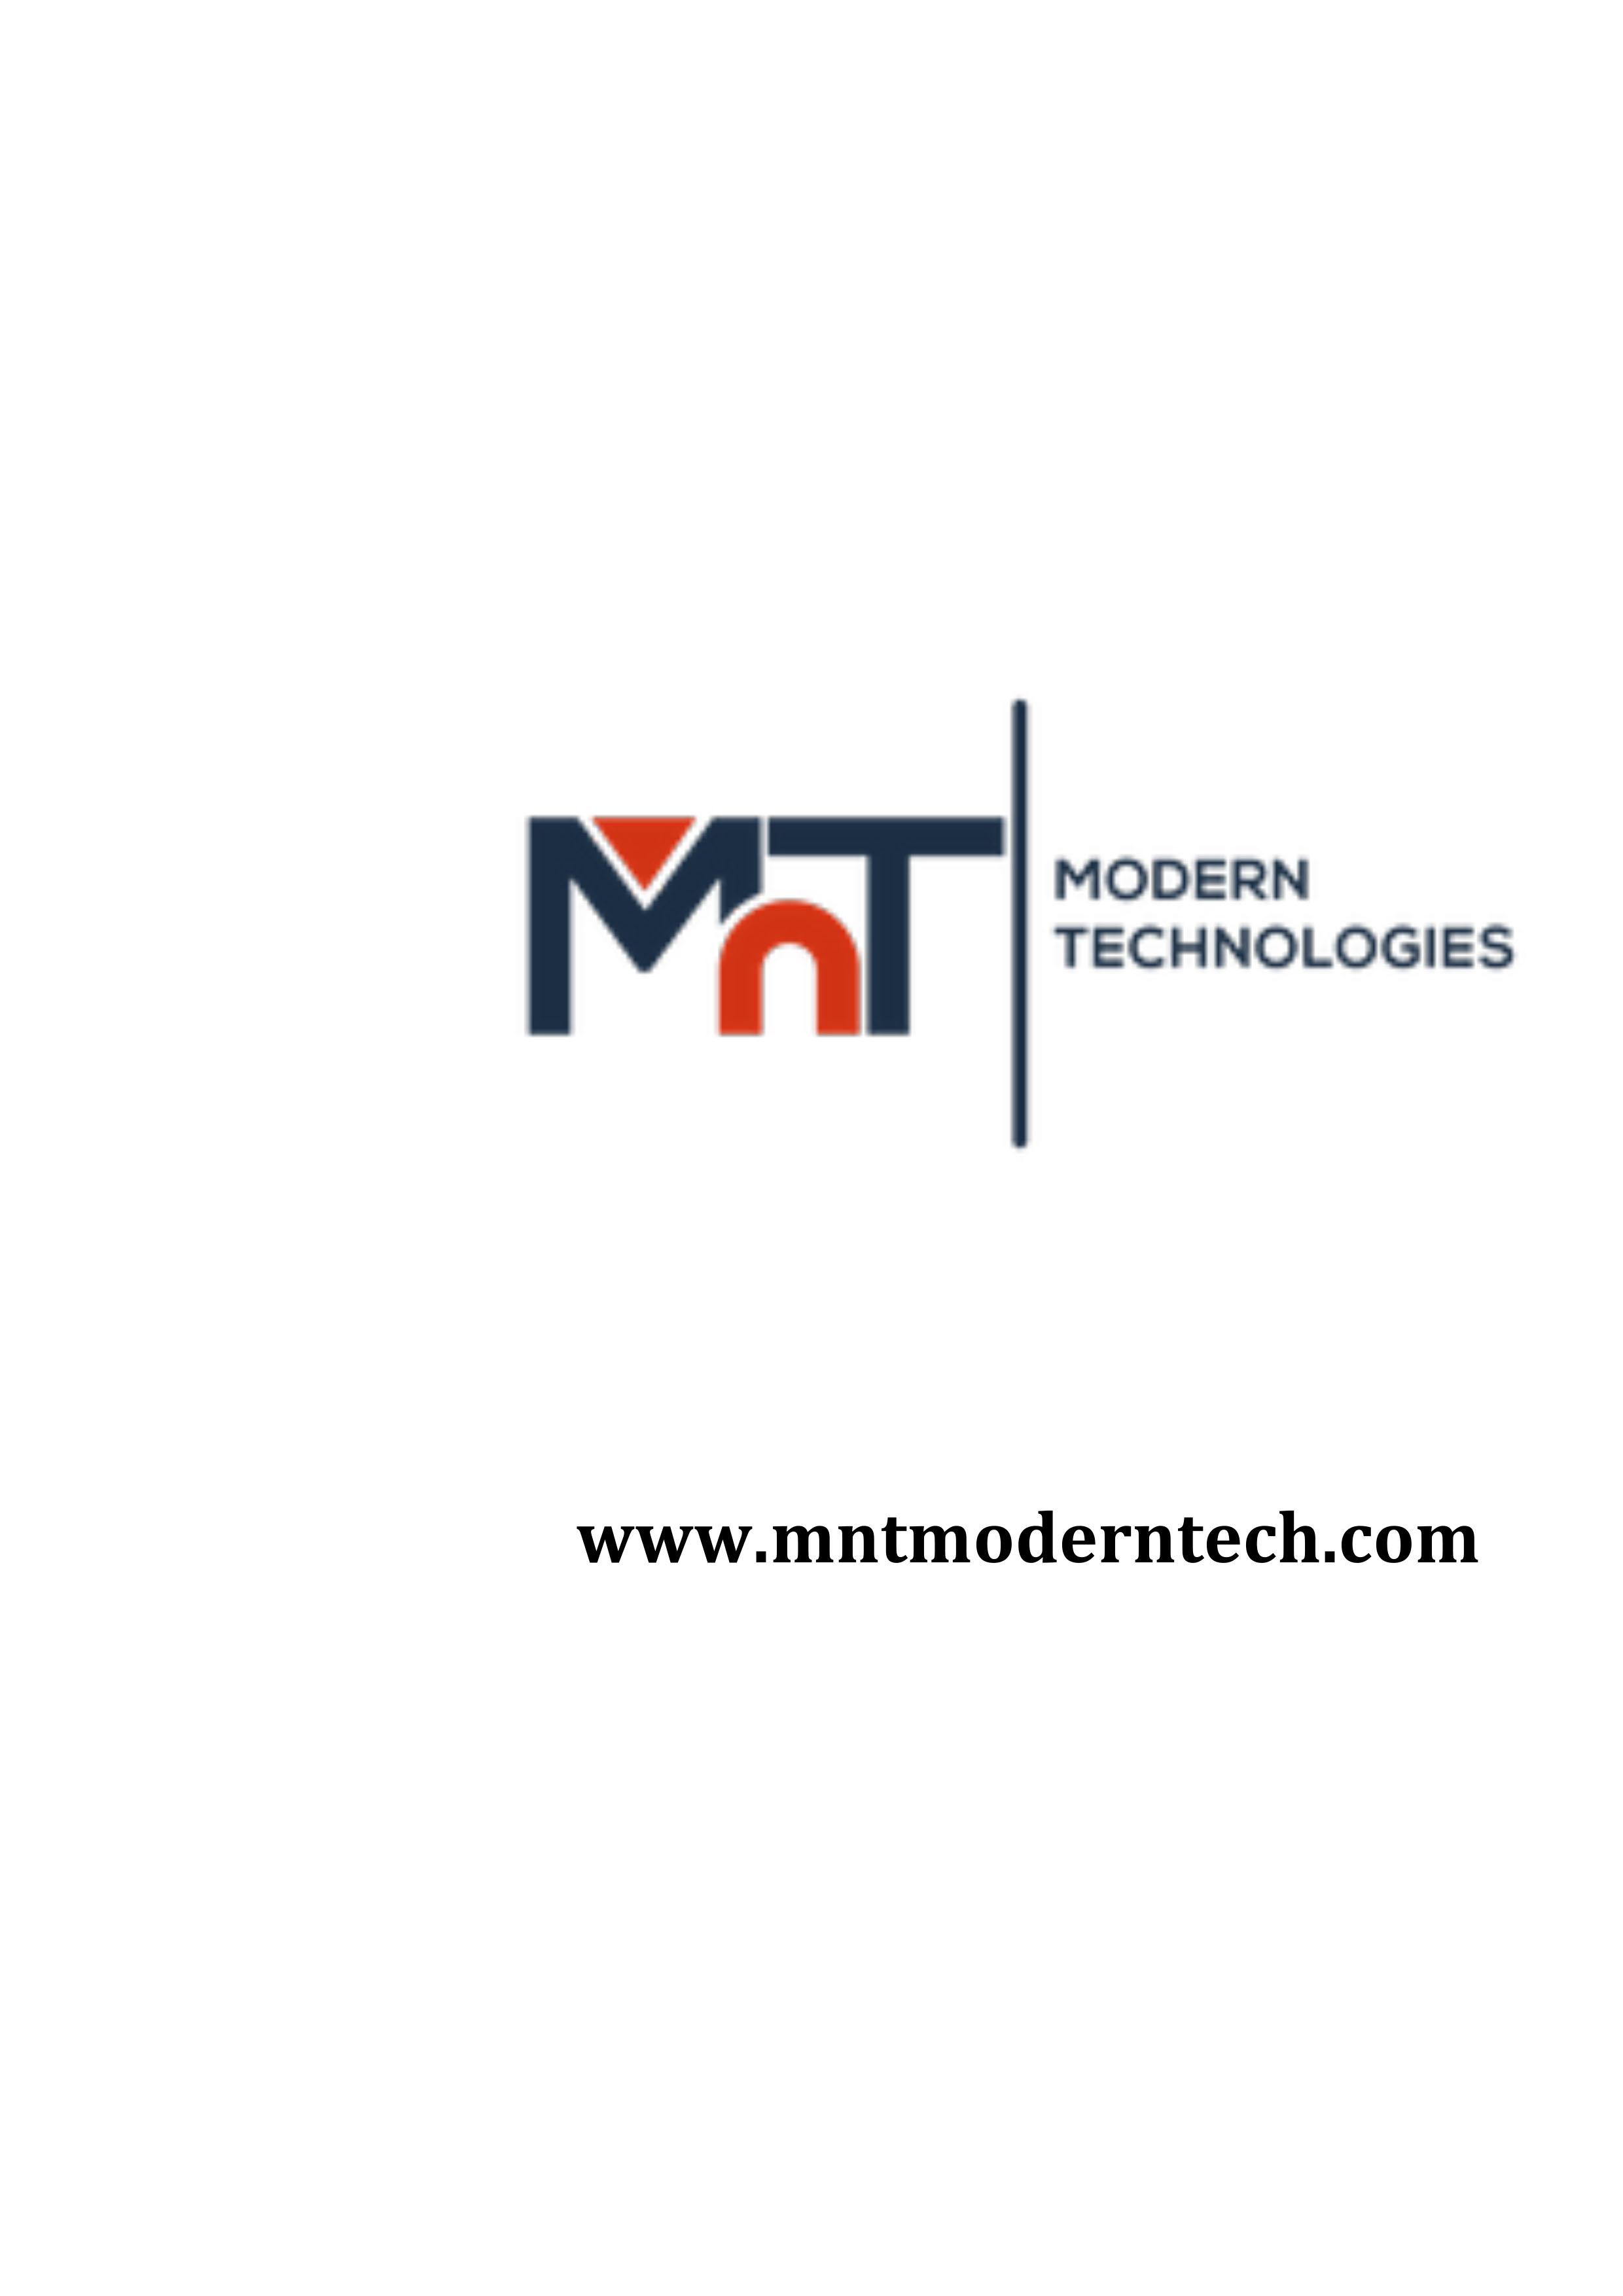 ModernTecnologies.jpg